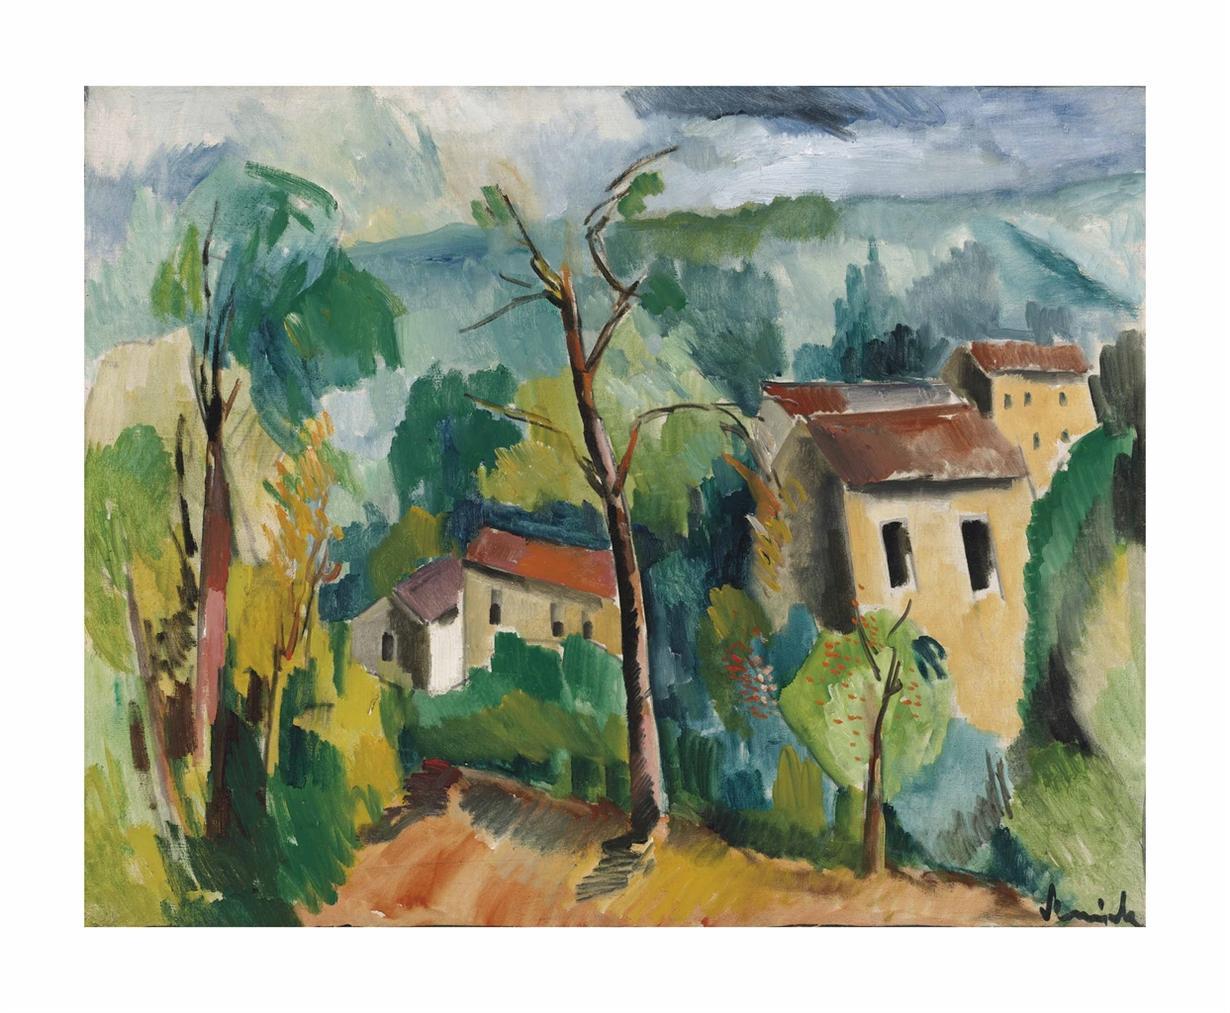 Maurice de Vlaminck-Paysage Aux Toits Rouges-1911